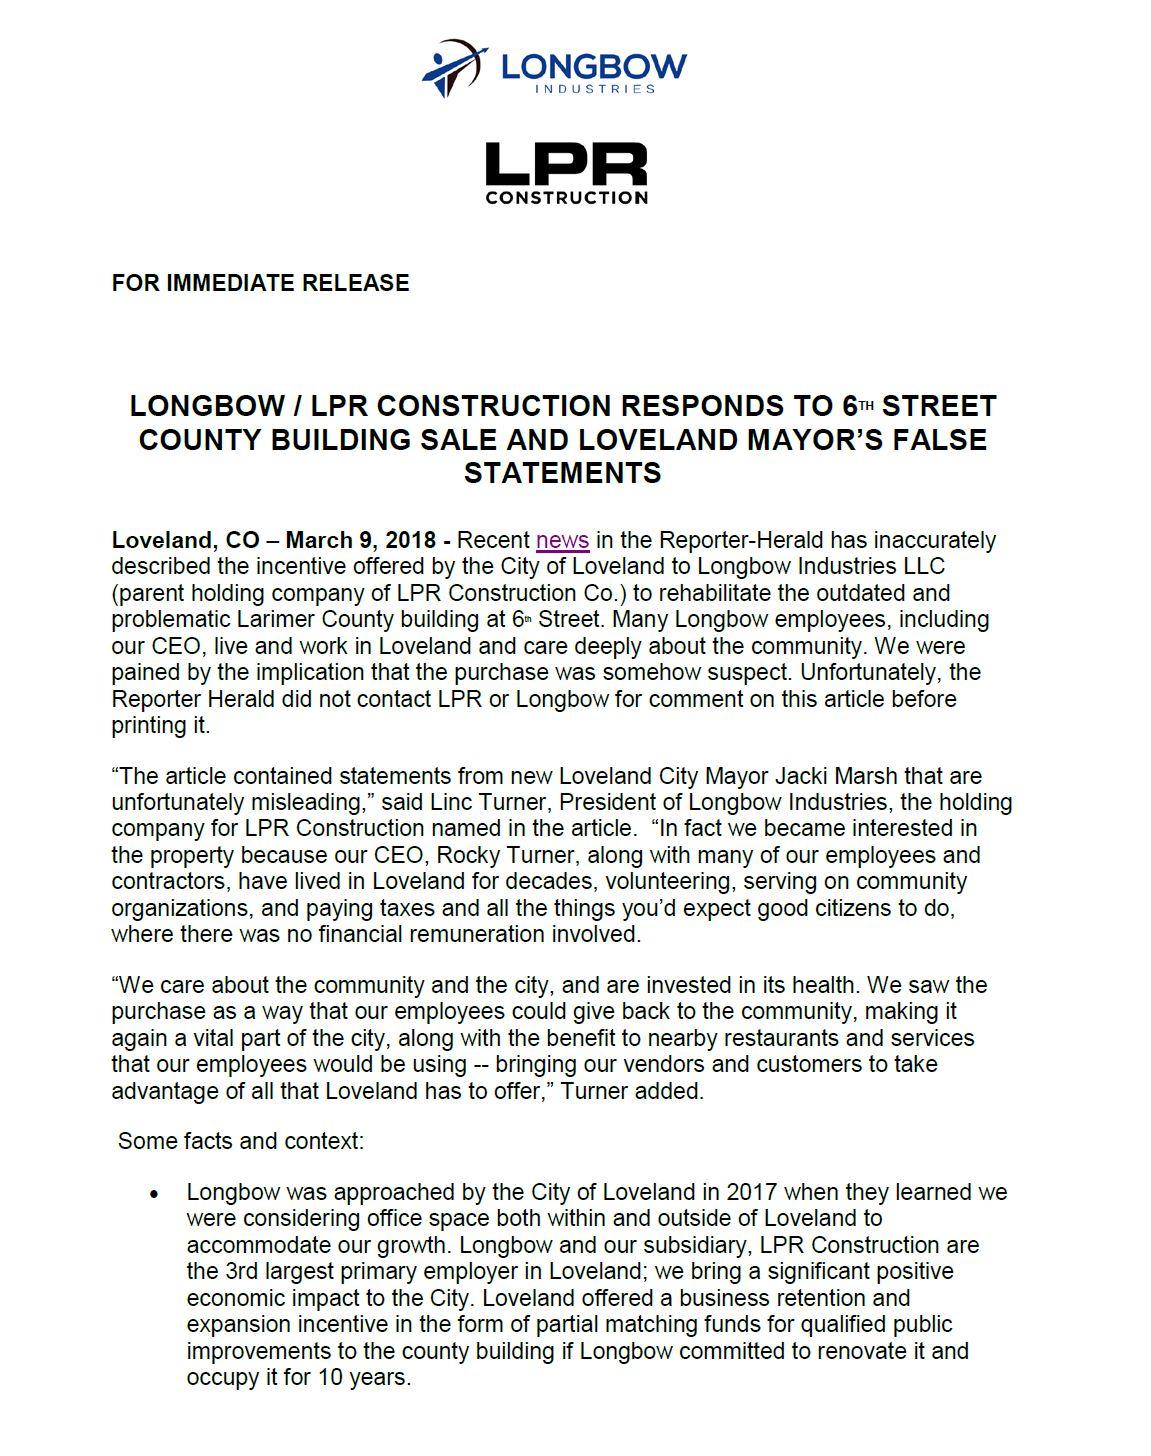 Press Release 3/9/2018